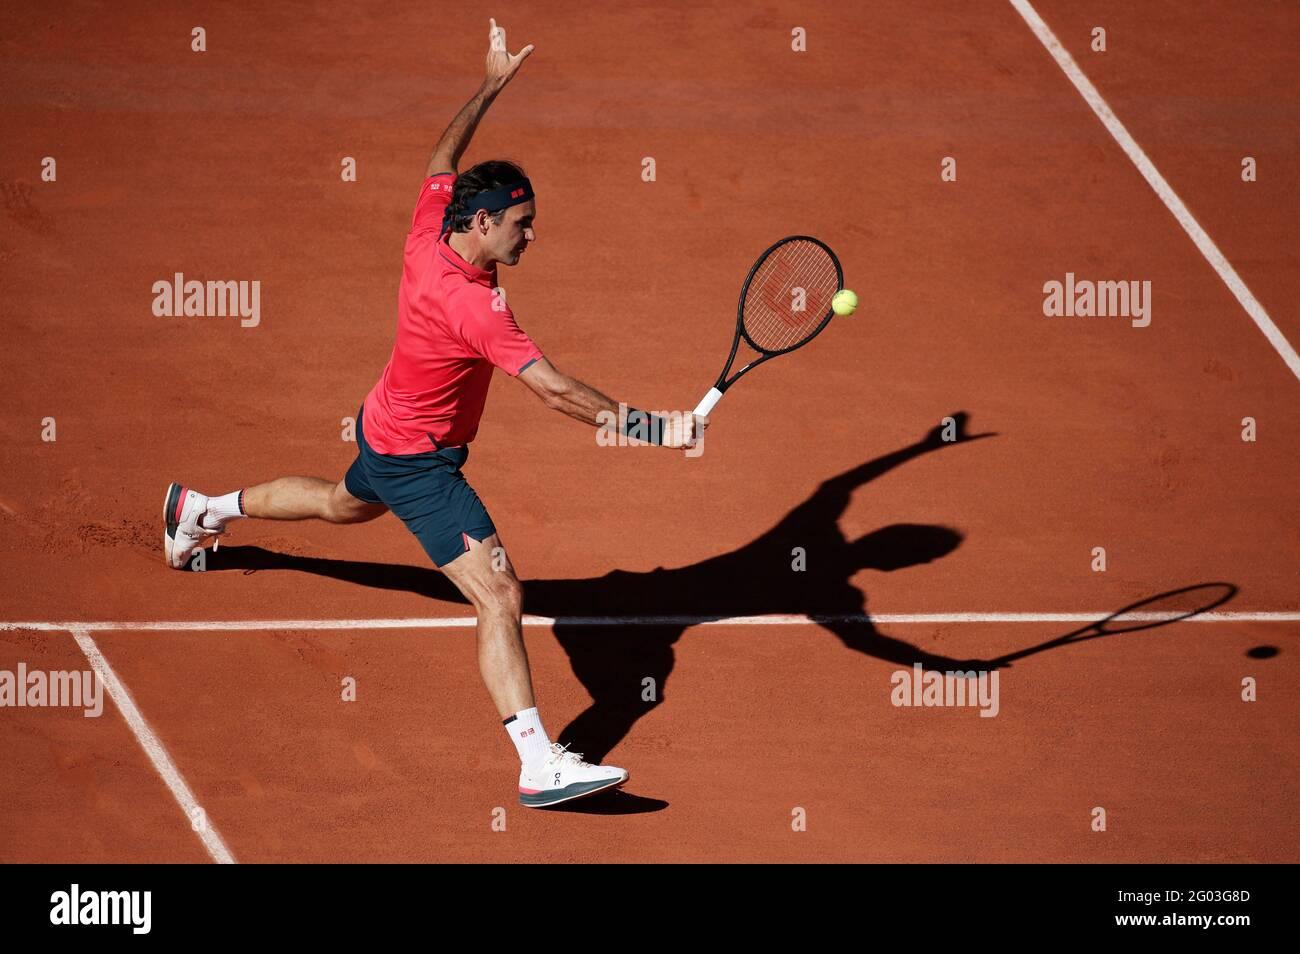 Tennis - French Open - Roland Garros, Paris, Frankreich - 31. Mai 2021 der Schweizer Roger Federer in Aktion während seines ersten Spiels gegen den usbekischen Denis Istomin REUTERS/Benoit Tessier Stockfoto